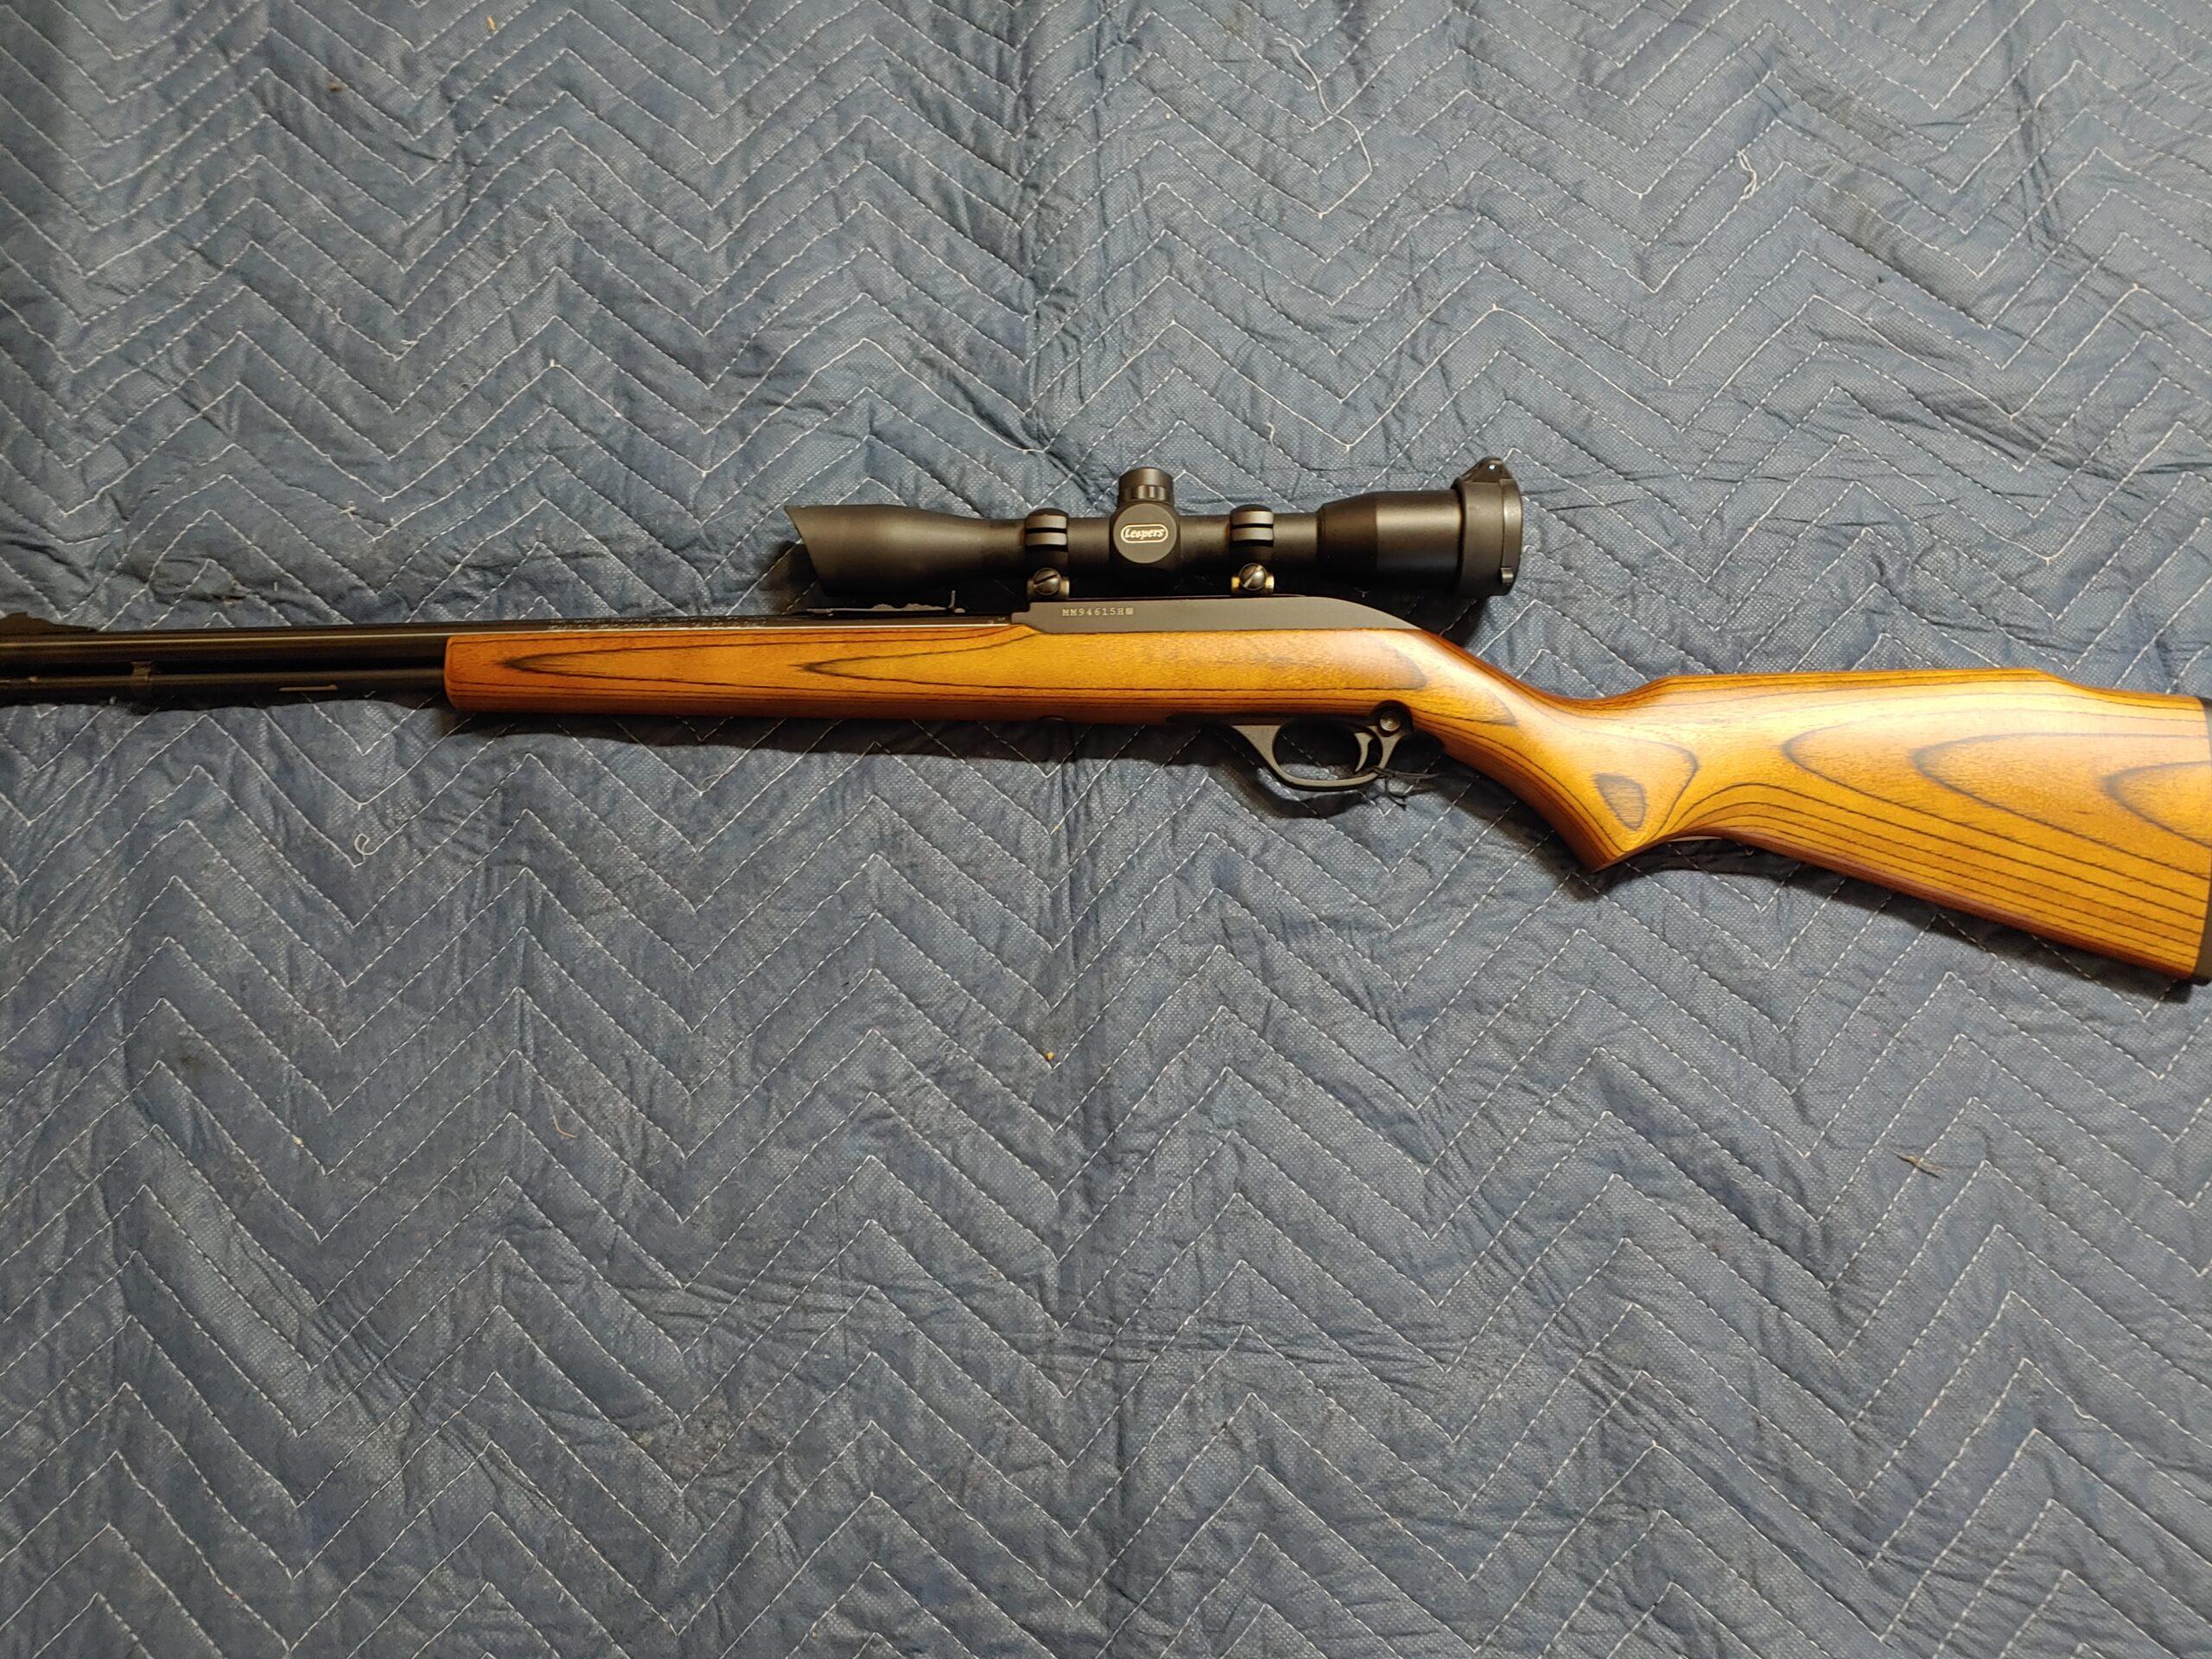 Marlin Model 60 .22LR